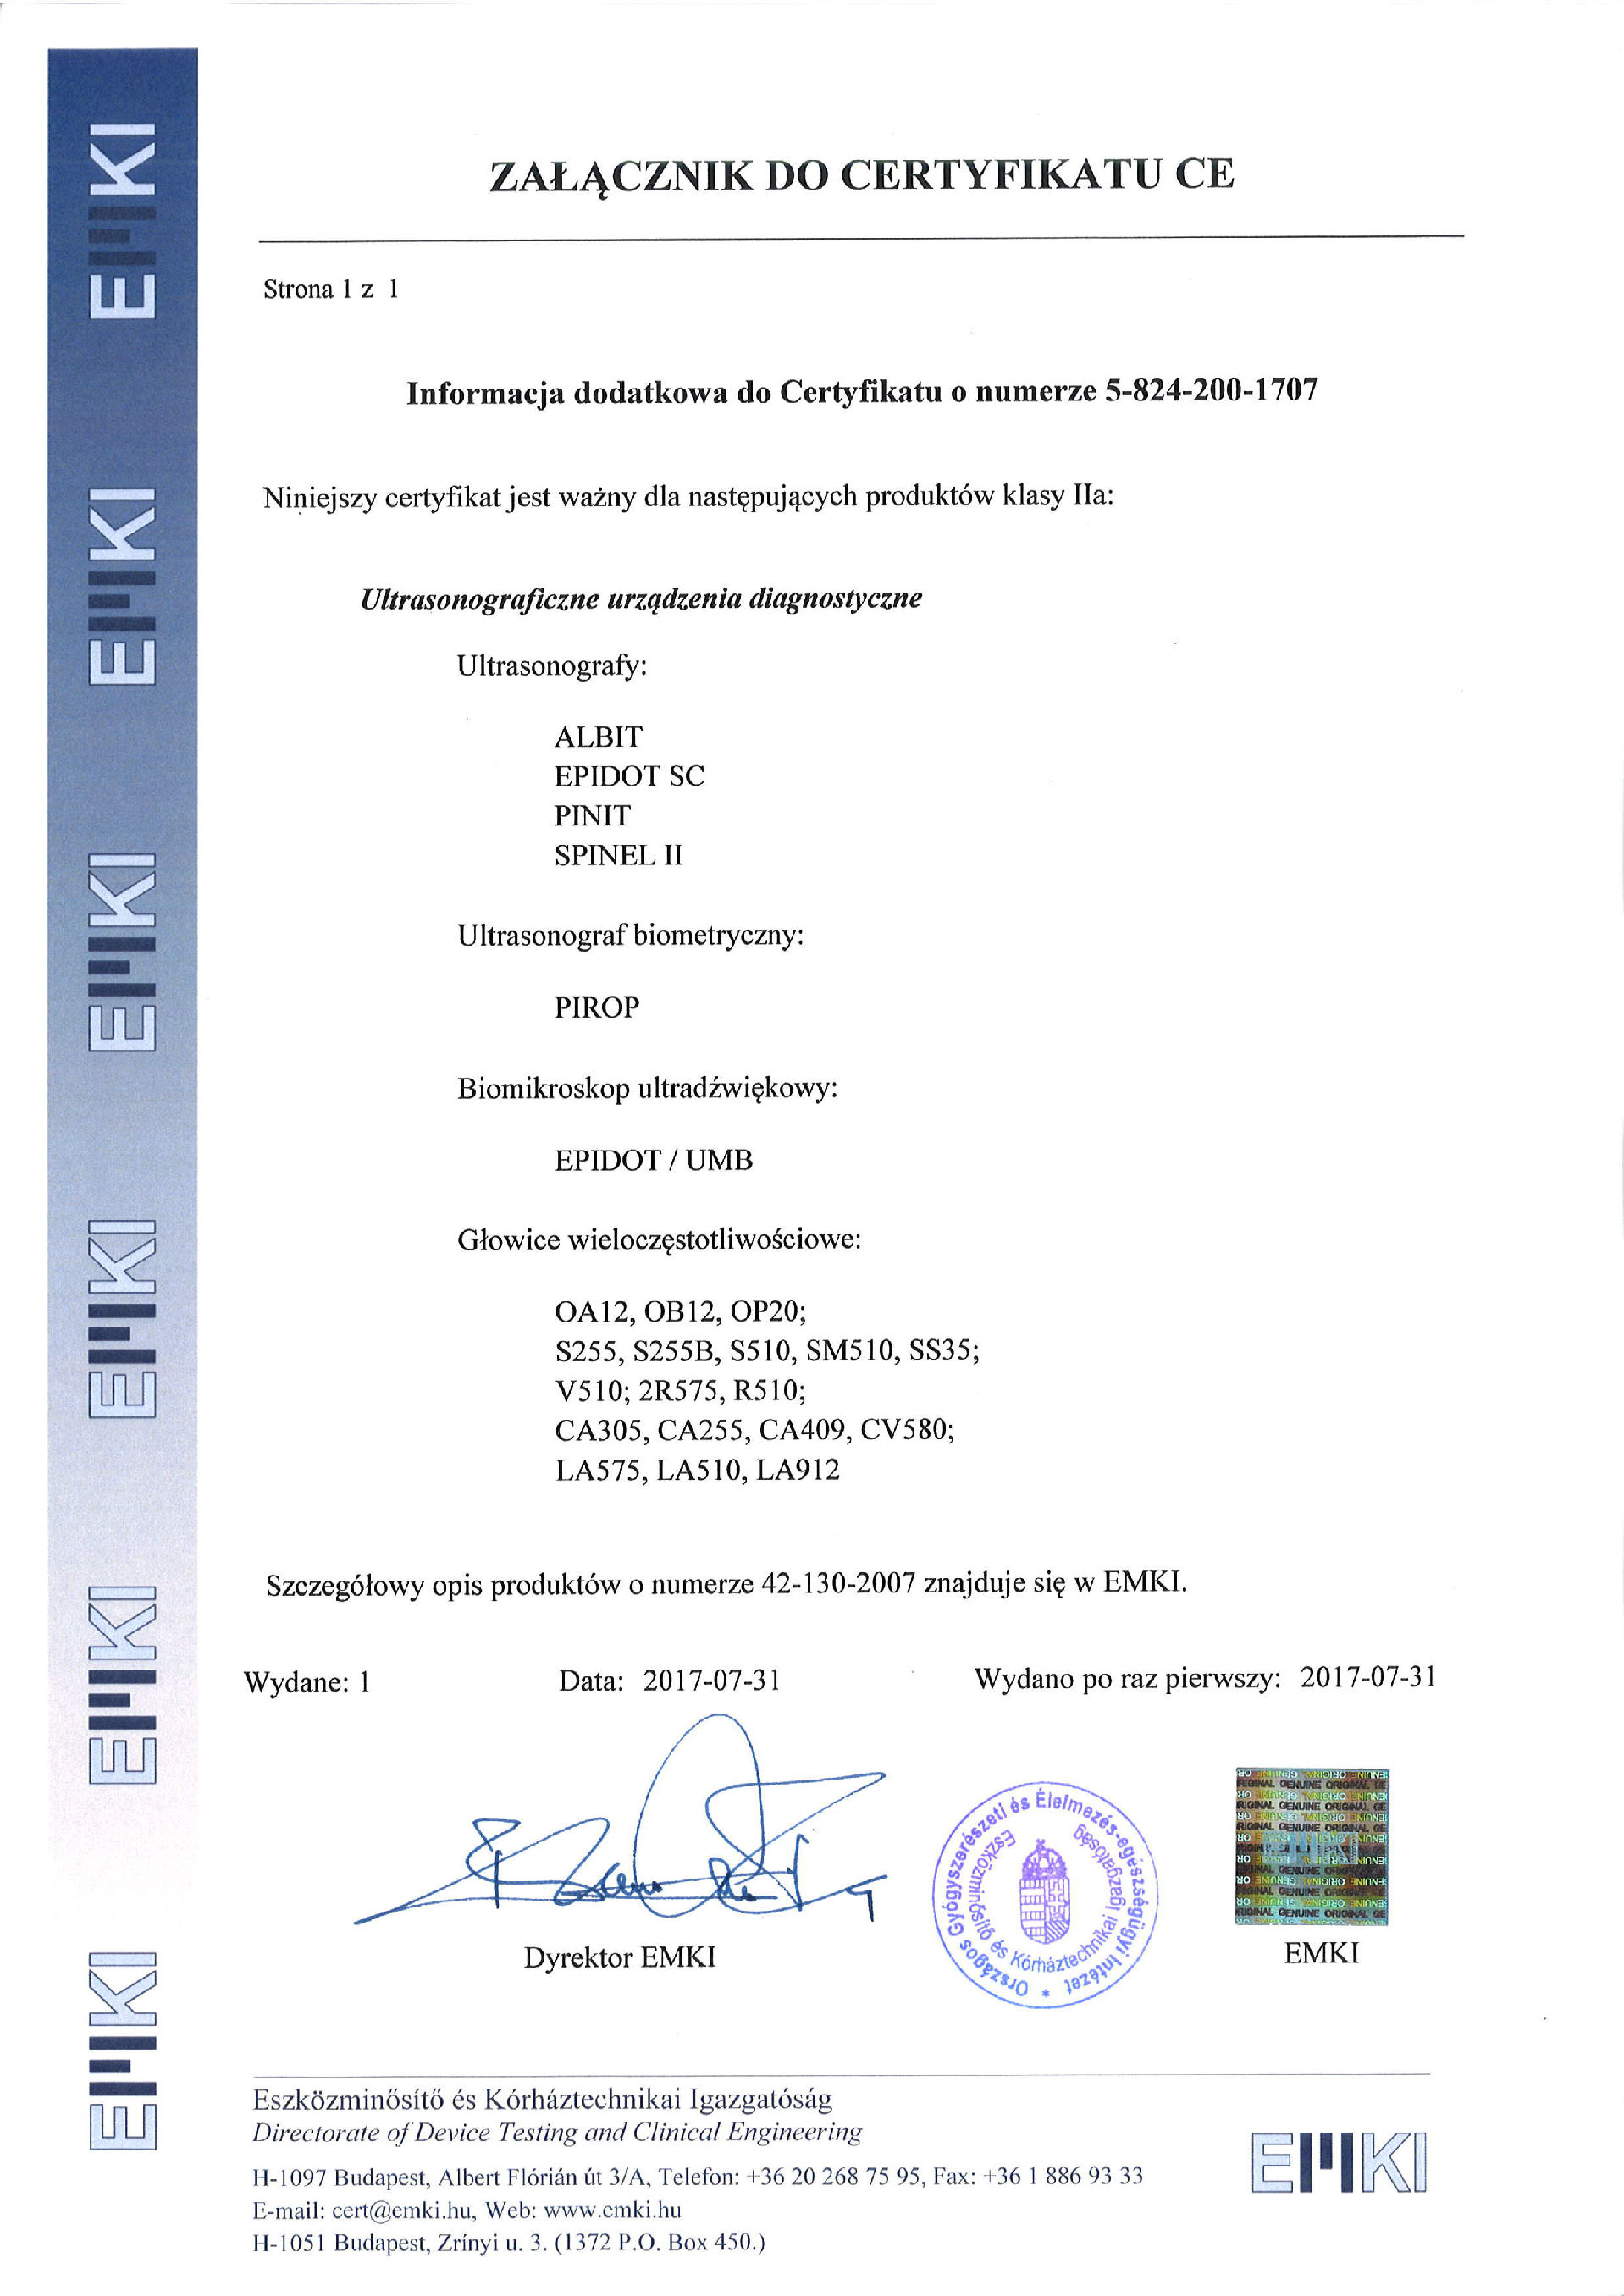 Załącznik do Certyfikatu CE